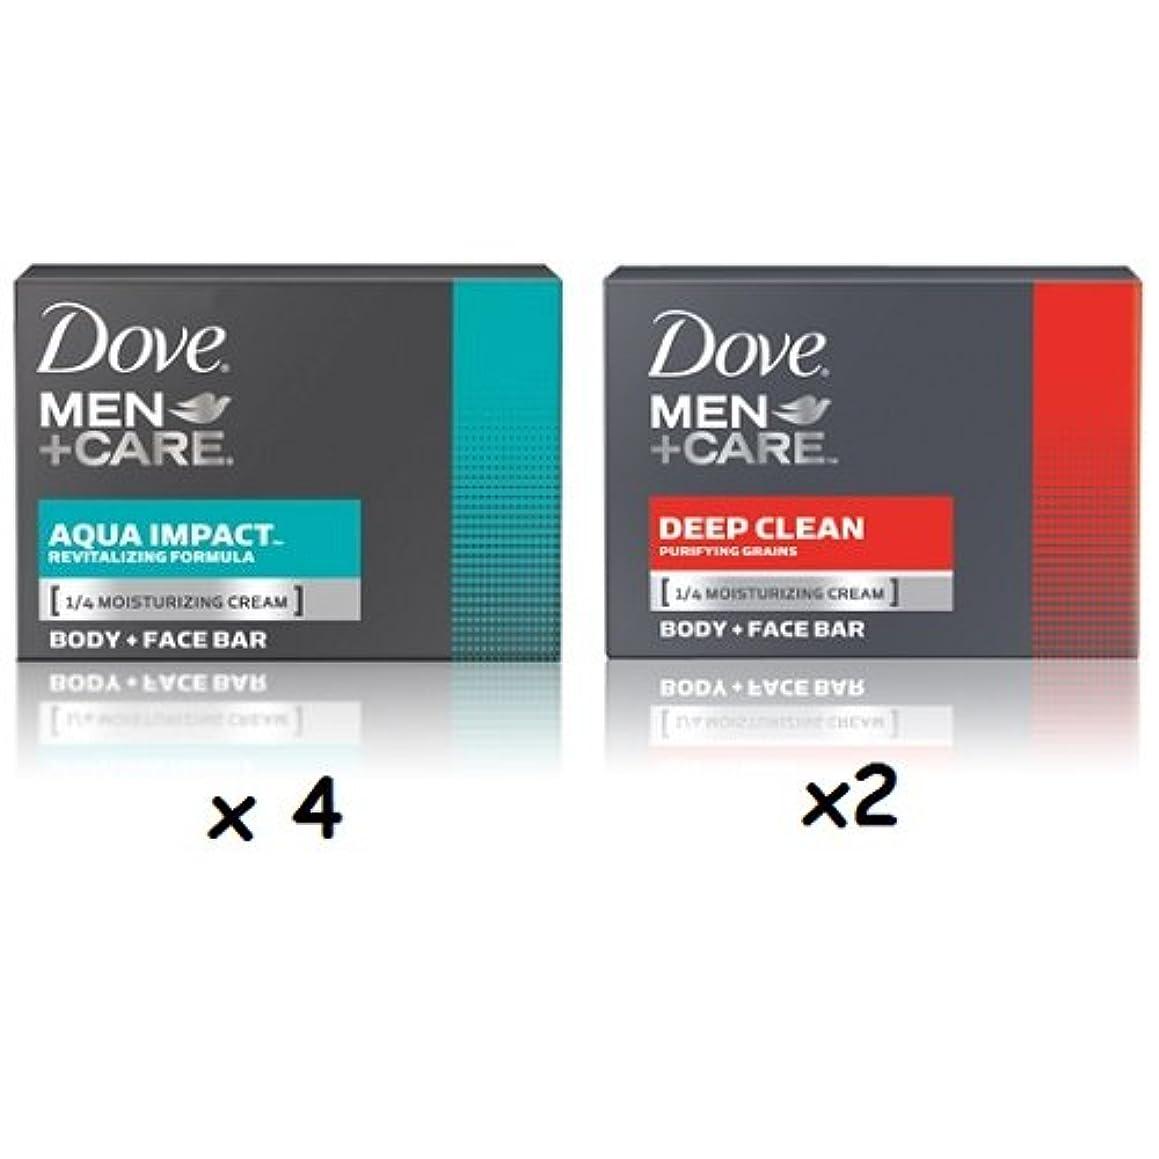 グローバル宣言する耐えられる【6個セット】Dove MEN+CARE Body&Face Bar Soap (4ozx6) ダヴ メンズプラスケア 体&顔用の固形石鹸(113gx6)(Deep Clean 4個とAqua Impact2個 合計6個...